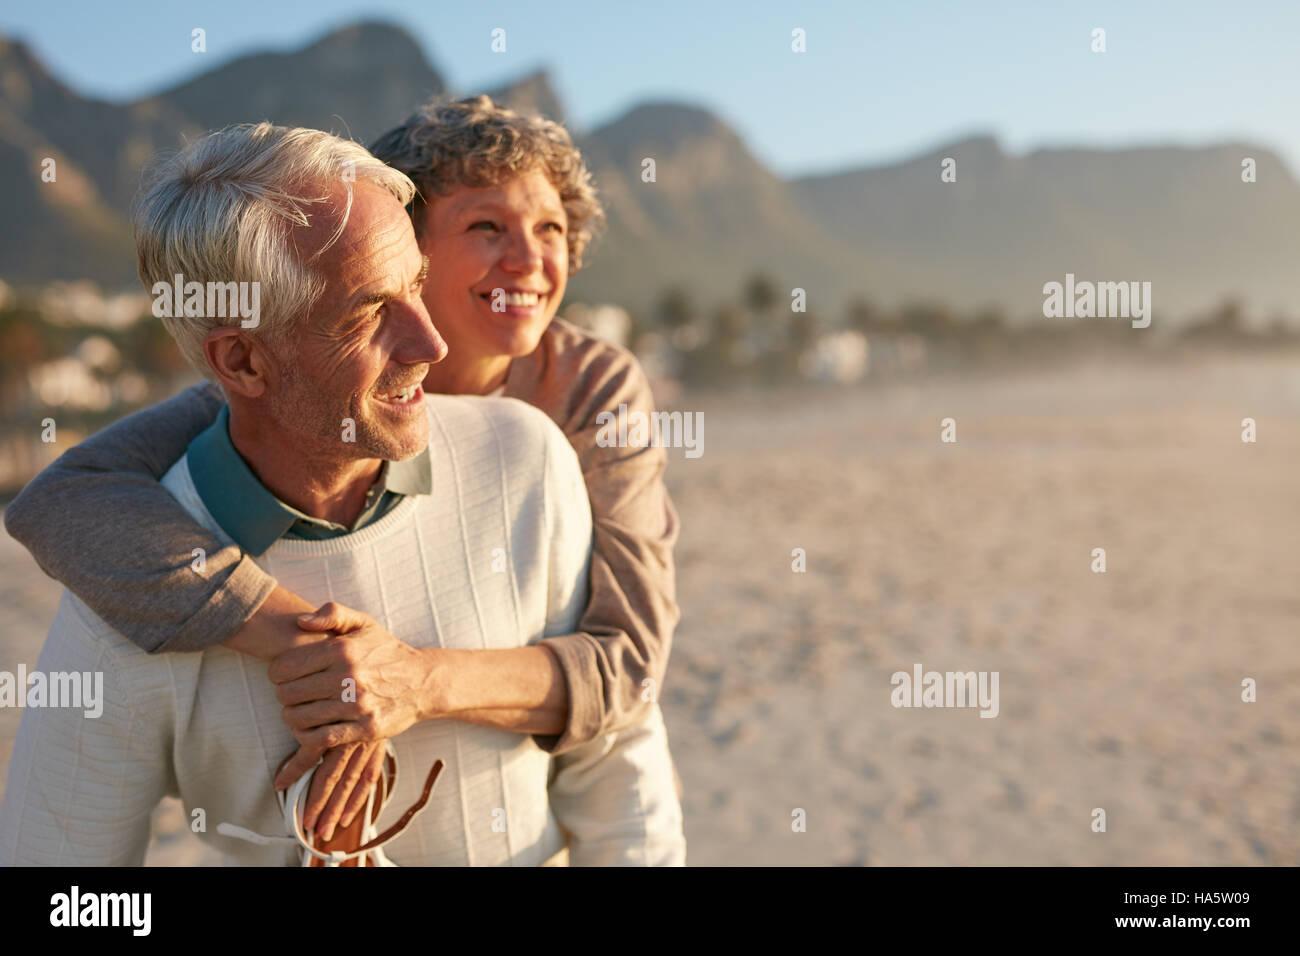 Retrato del hombre maduro feliz llevando su bella esposa sobre su espalda en la playa. Senior pareja disfrutando Imagen De Stock